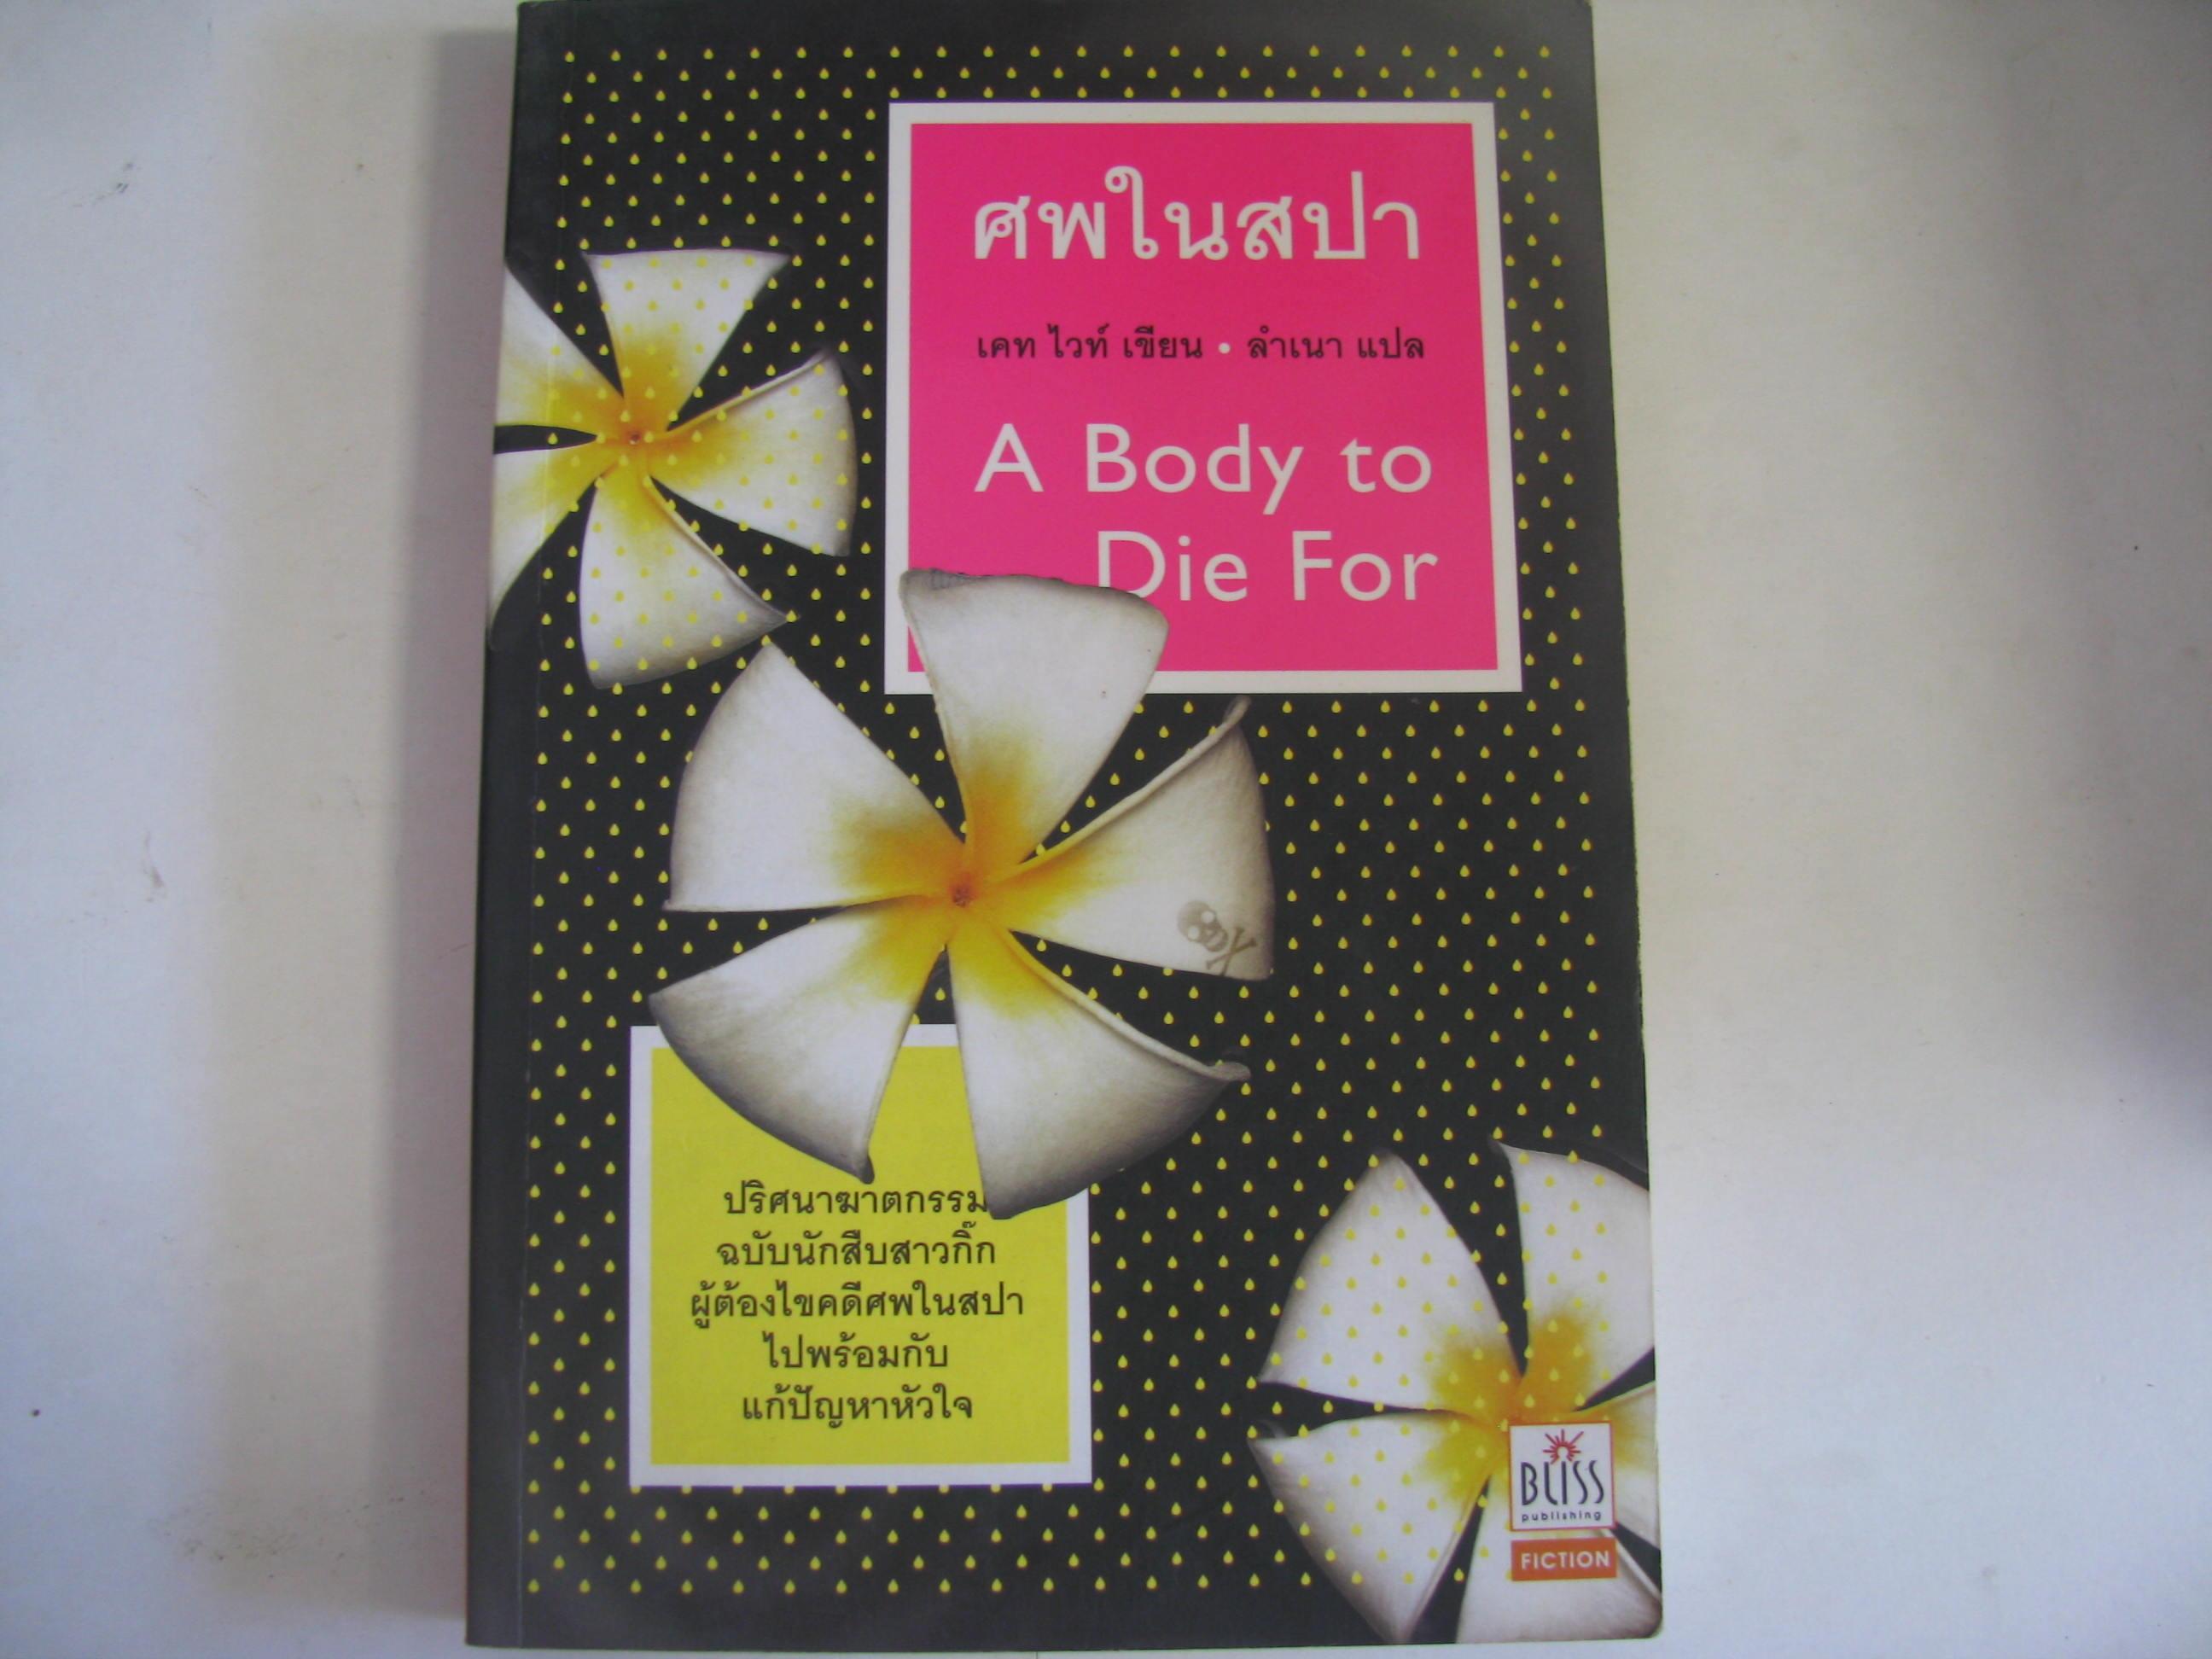 ศพในสปา (A Body to Die For) พิมพ์ครั้งที่ 3 เคท ไวท์ เขียน ลำเนา แปล